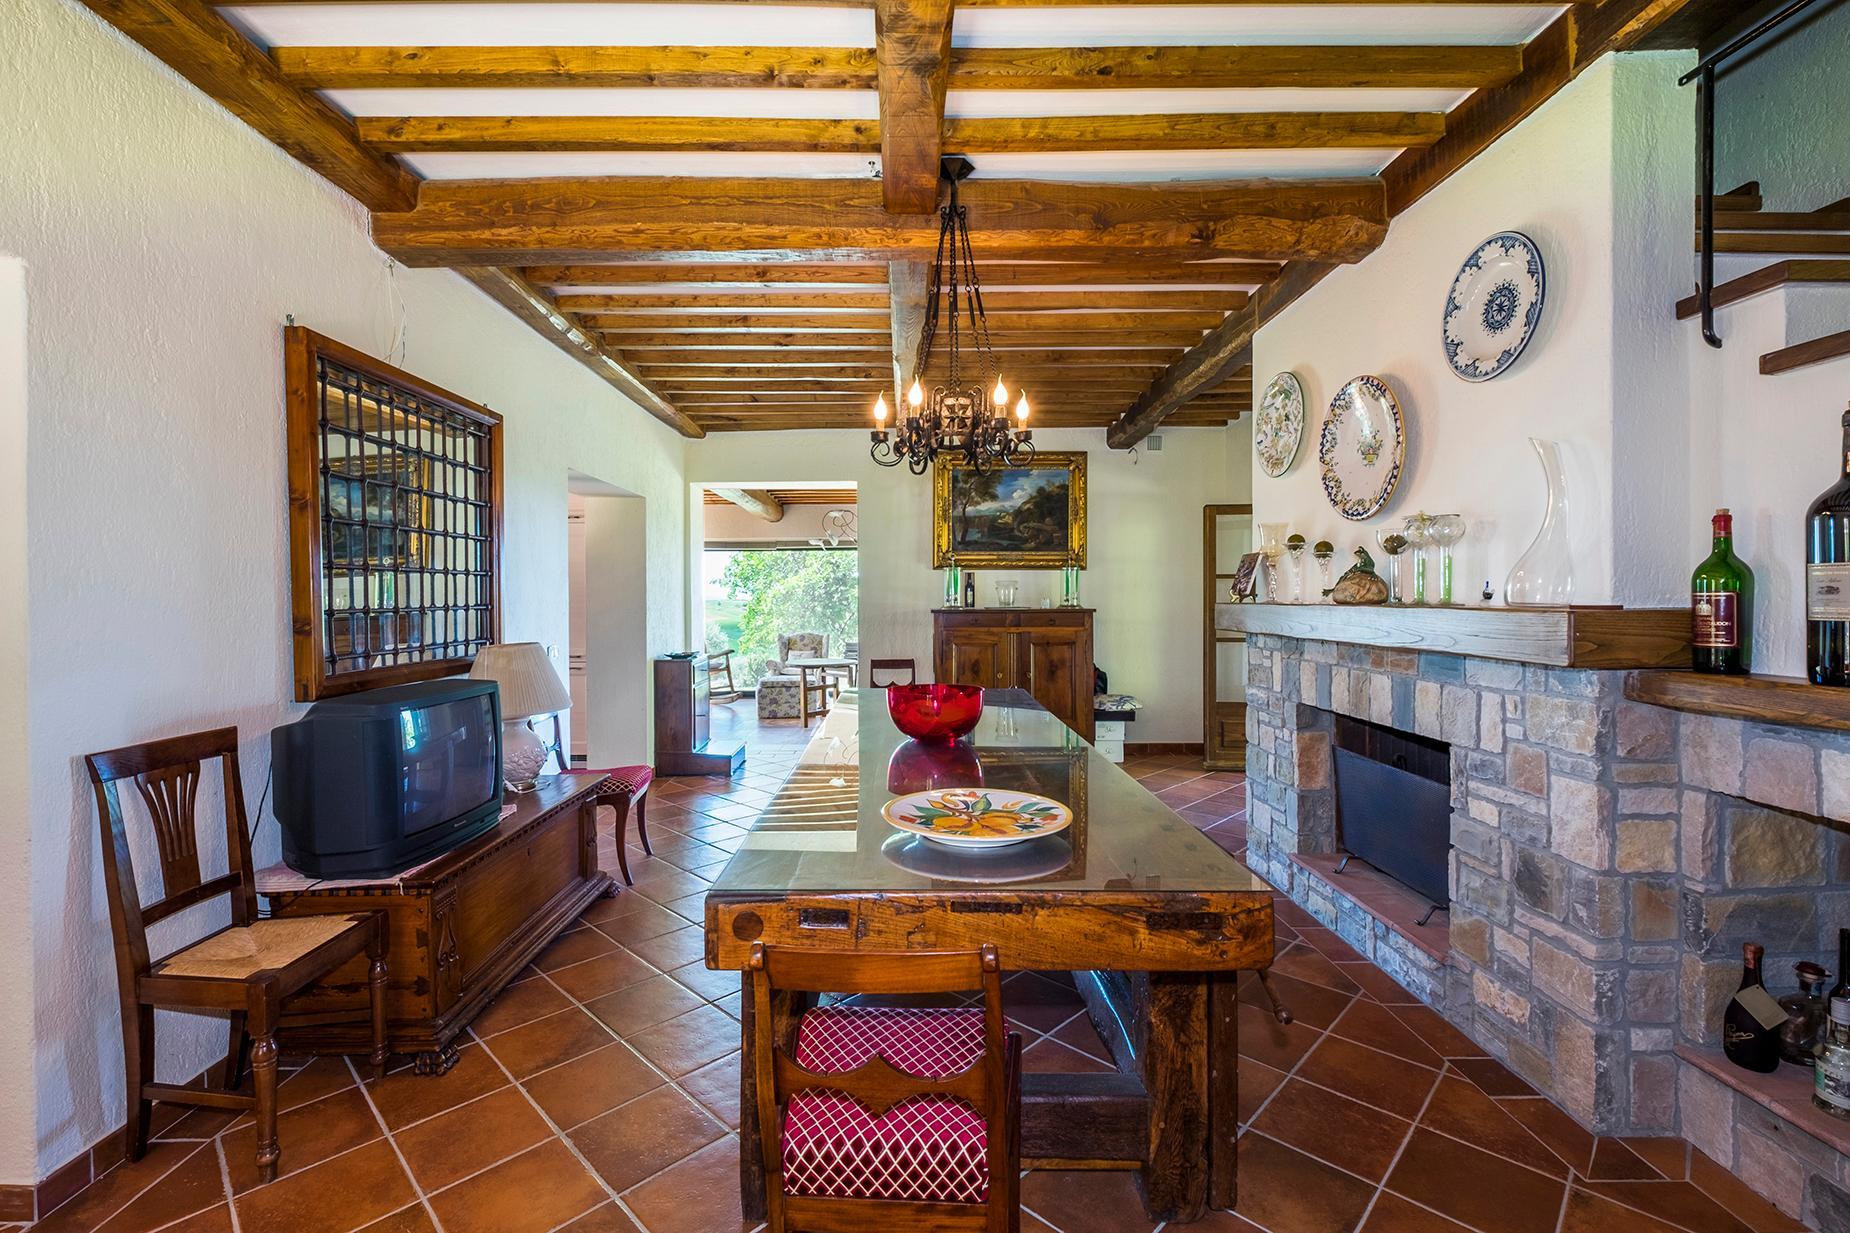 Fein restauriertes Bauernhaus auf den toskanischen Hügeln - 4